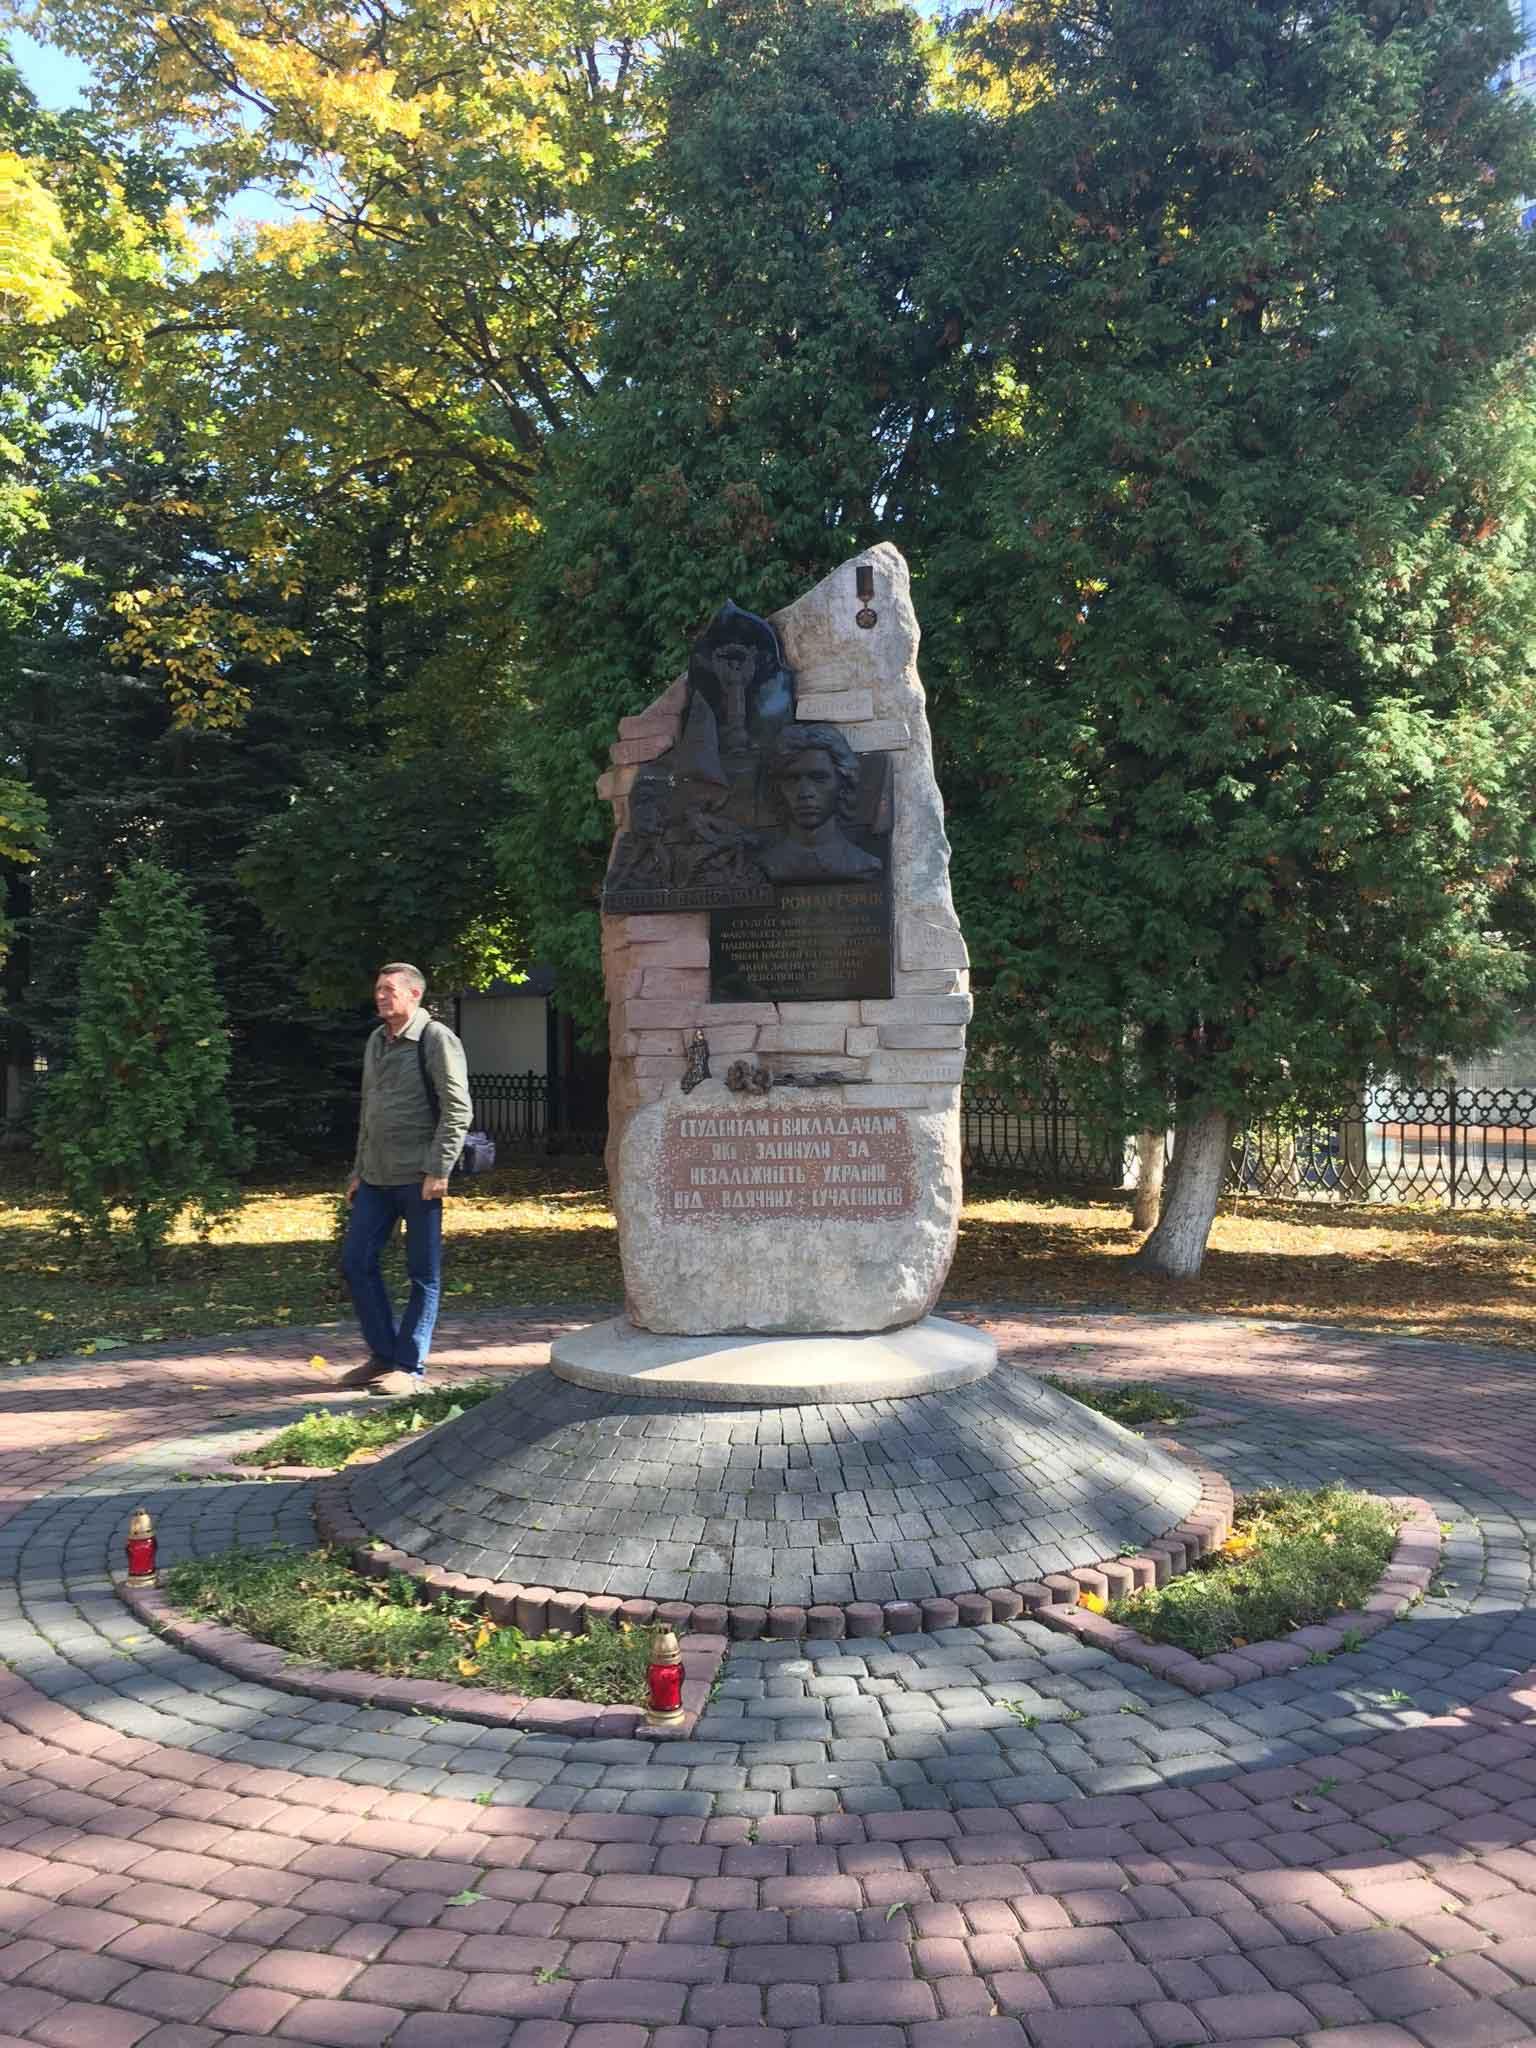 Мало виповнитися 25: у Франківську вшанували пам'ять героя Небесної сотні Романа Гурика (ФОТО, ВІДЕО)